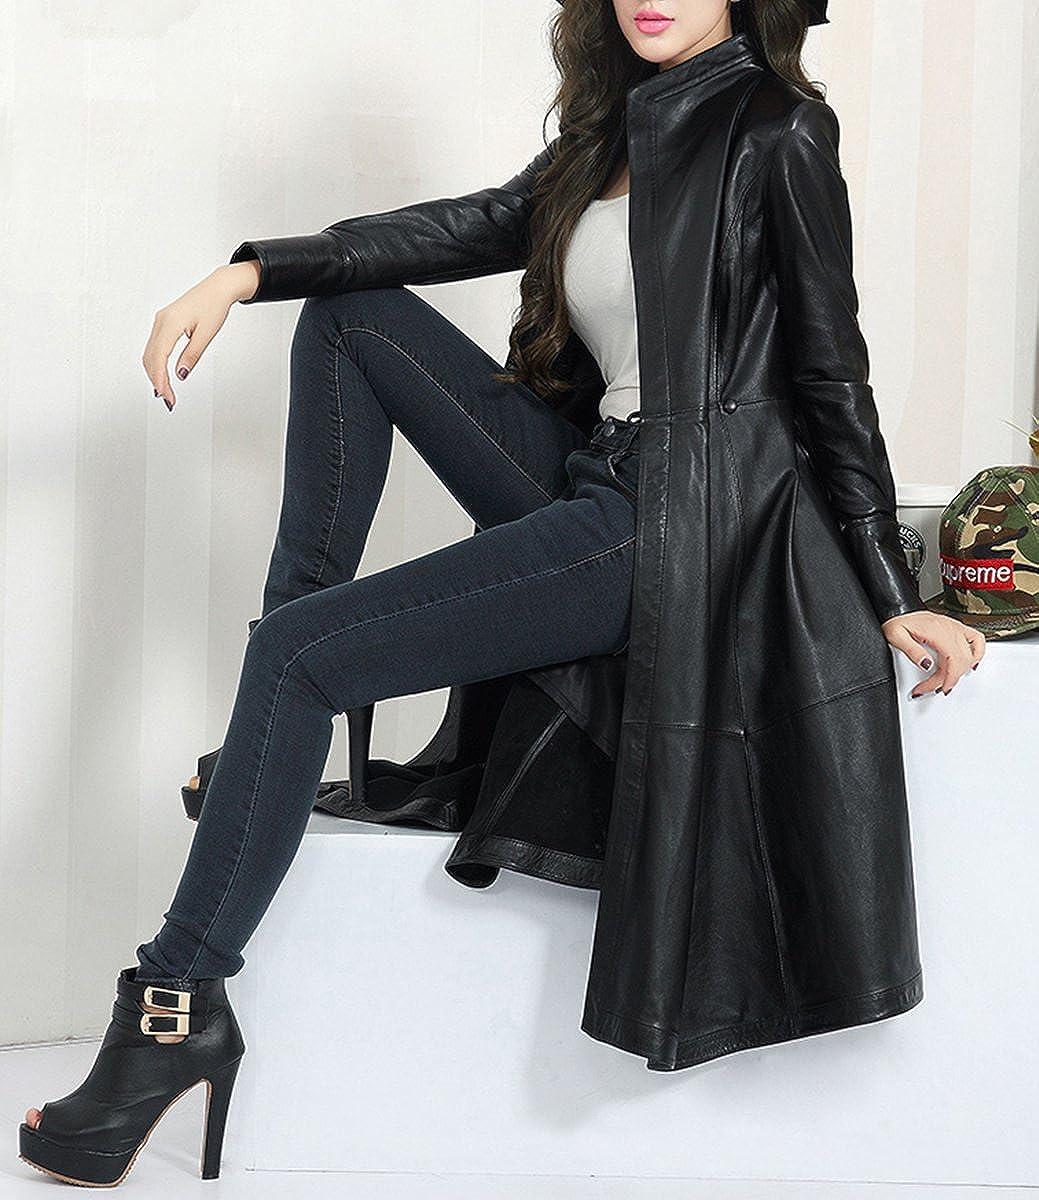 cbd308e9dd2b Mince De Veste Cuir Fourrure Mode Long En Manteau Femme tq80dRq